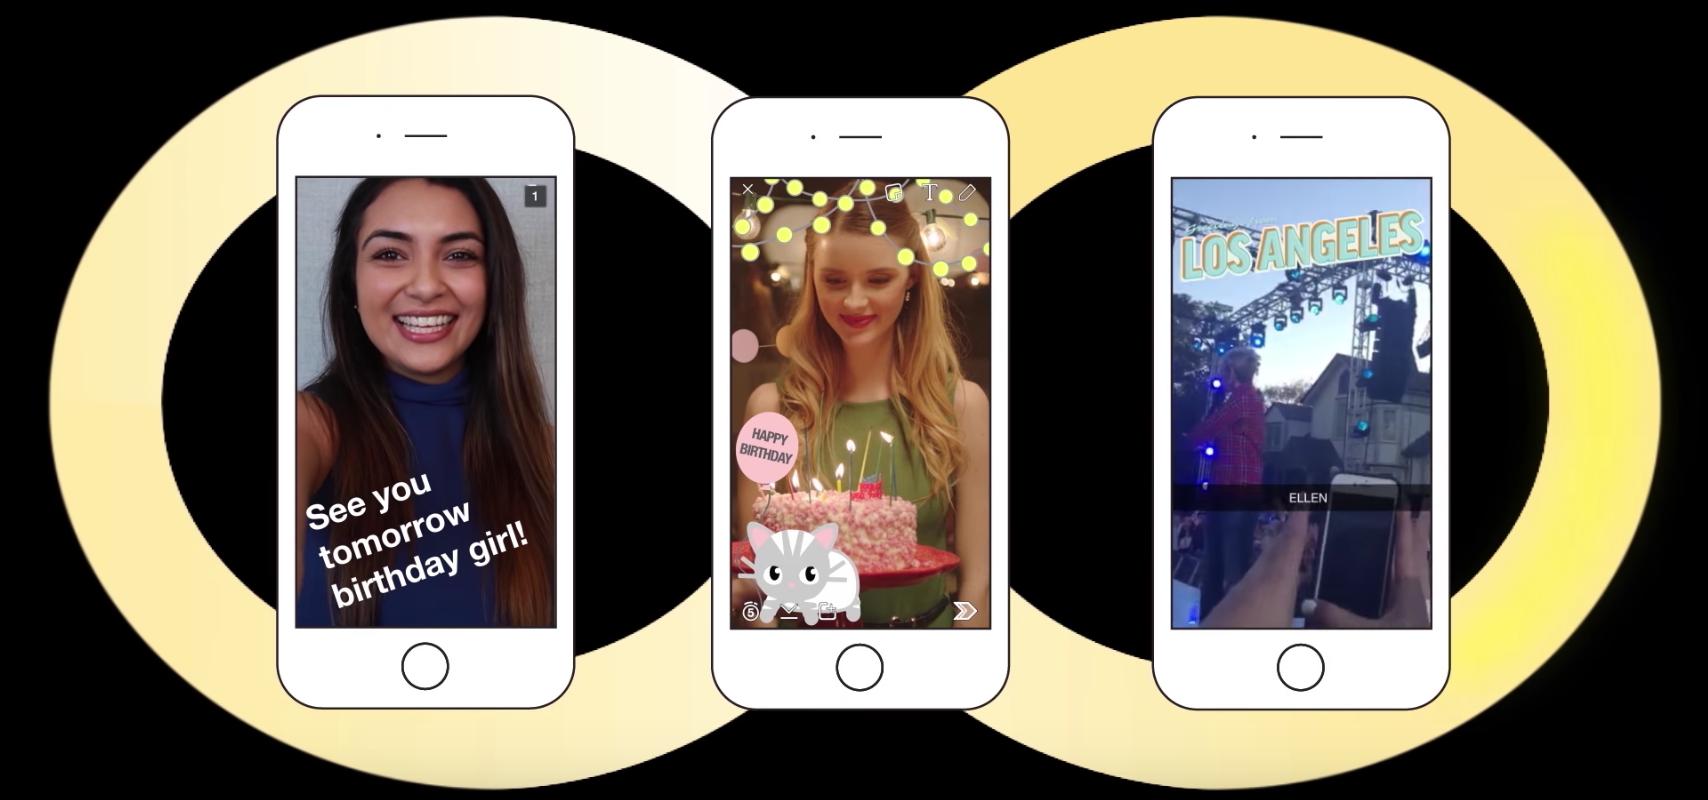 snapchat-communication-creativity-storytelling